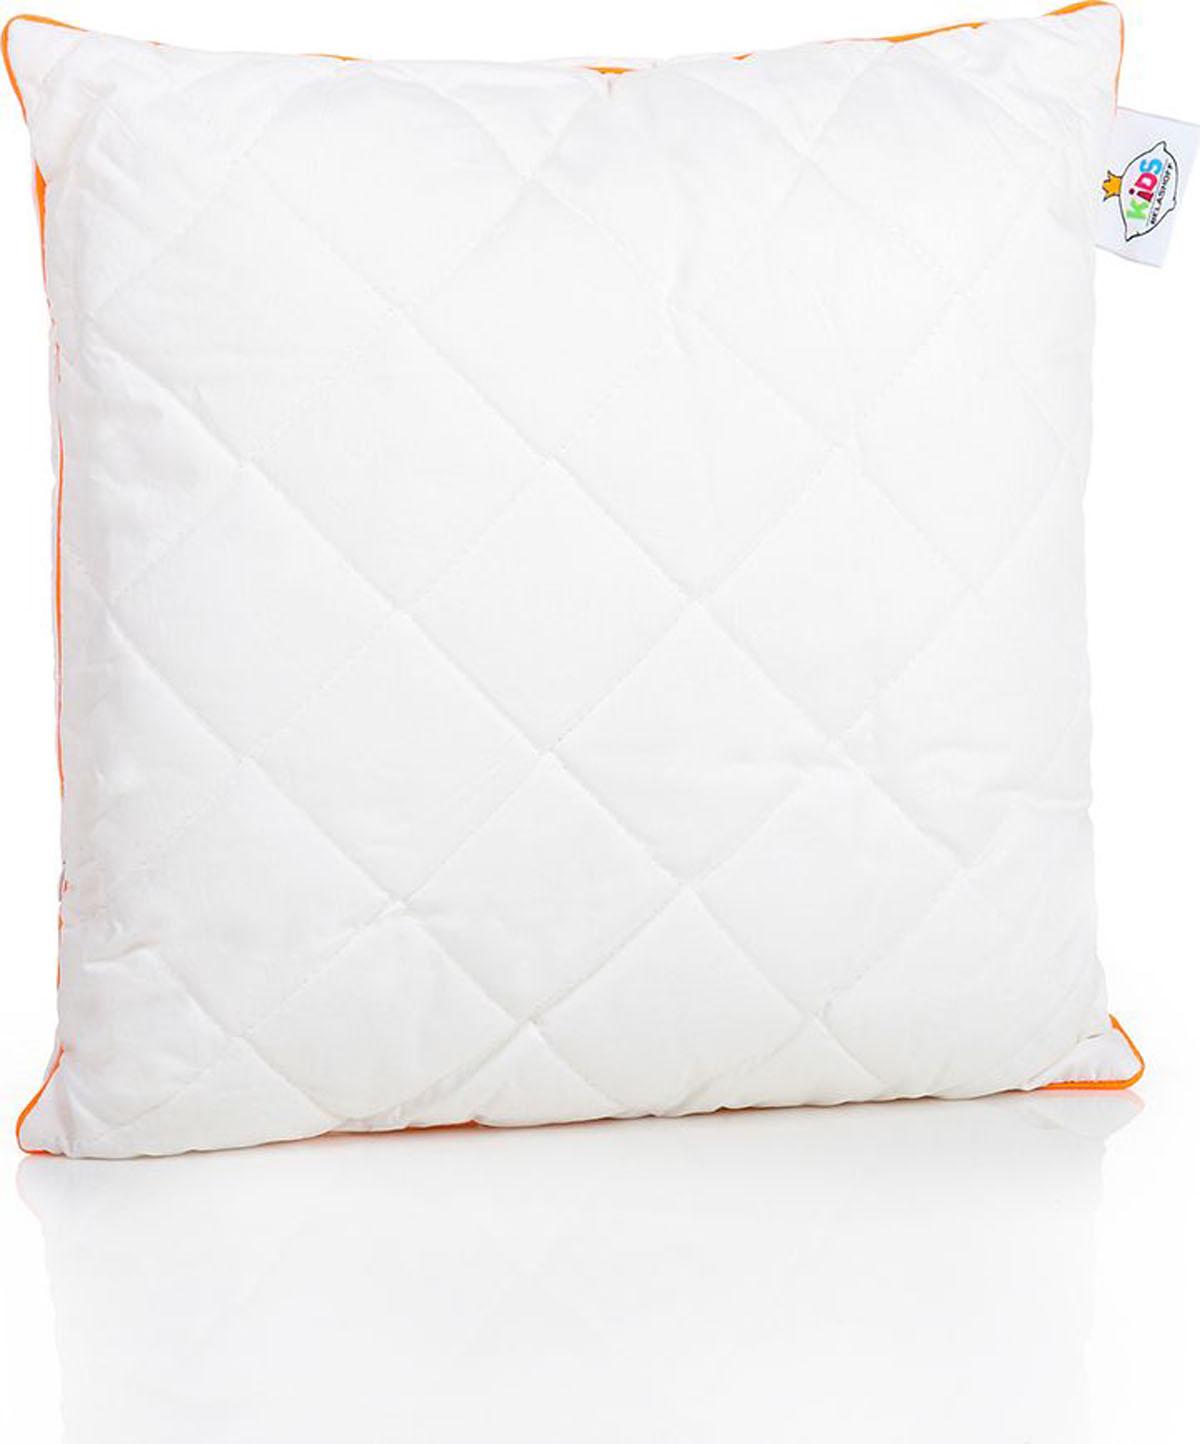 Belashoff Kids Подушка детская Наша Гордость цвет белый 40 x 40 смКХП1Коллекция Наша Гордость – качественные продукты для спокойного детского сна!Ткань верха – перкаль (100% хлопковая ткань) белая, как цветок хлопка.Внутри – пласты натурального хлопкового волокна, которое хорошо впитывает лишнюю влагу и выводит ее на поверхность, гипоаллергенно.В подушки (40х40, 40х60 и 50х70) для большей упругости и мягкости мы добавили полое силиконизированное волокно. Это современный очень нежный наполнитель, который безопасен для детей.Наличие молнии в подушках позволяет регулировать степень упругости и поддержки самостоятельно.